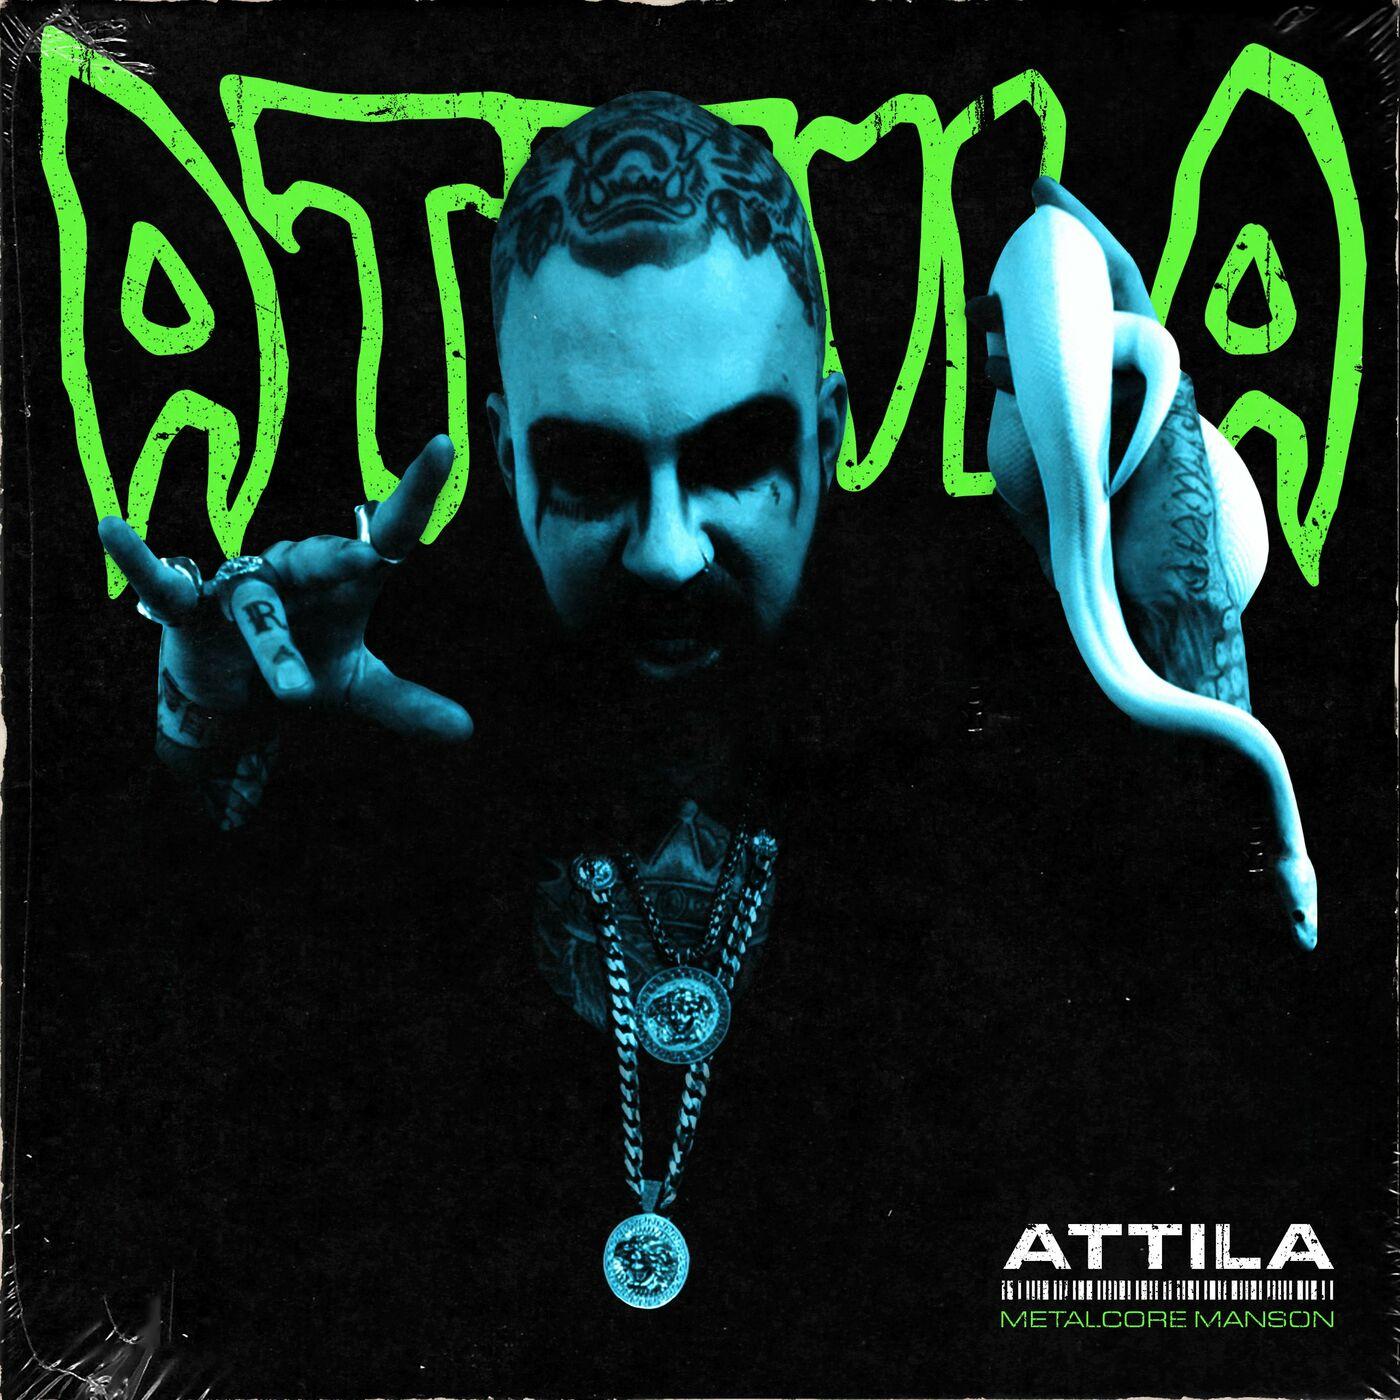 Attila - Metalcore Manson [single] (2021)